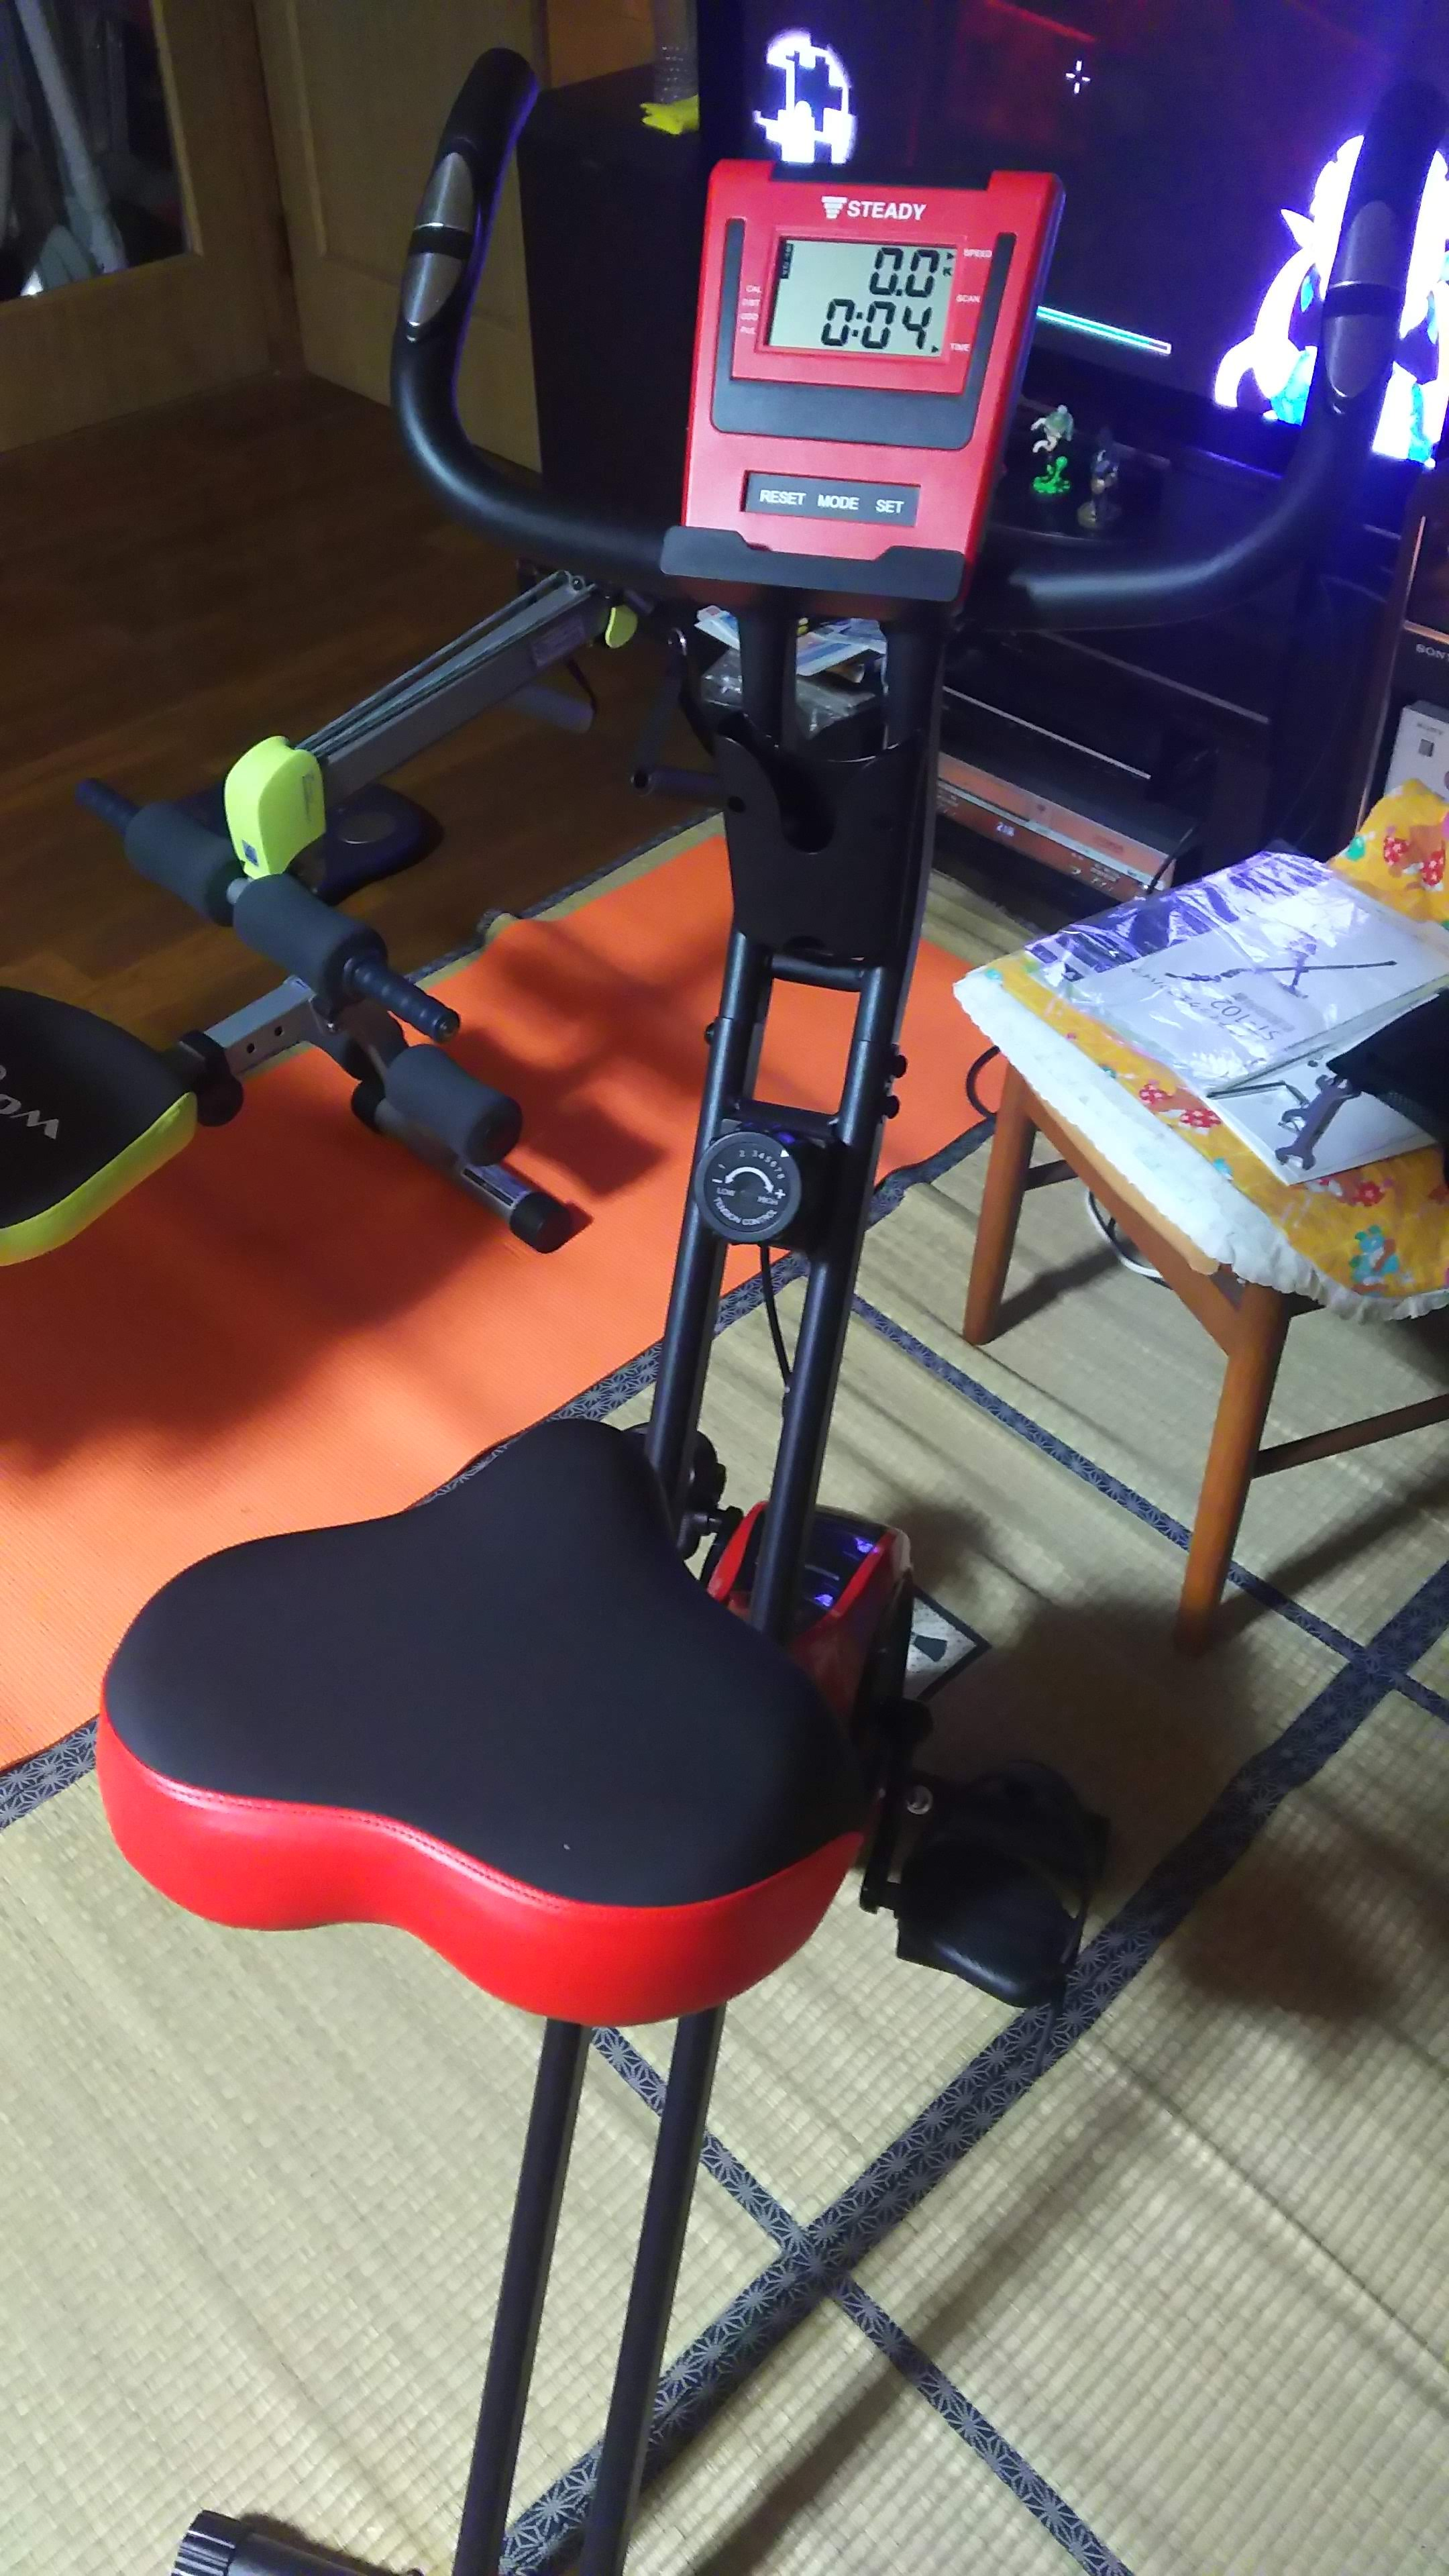 エアロバイクで有酸素運動 / Aerobic exercise on exercise bike